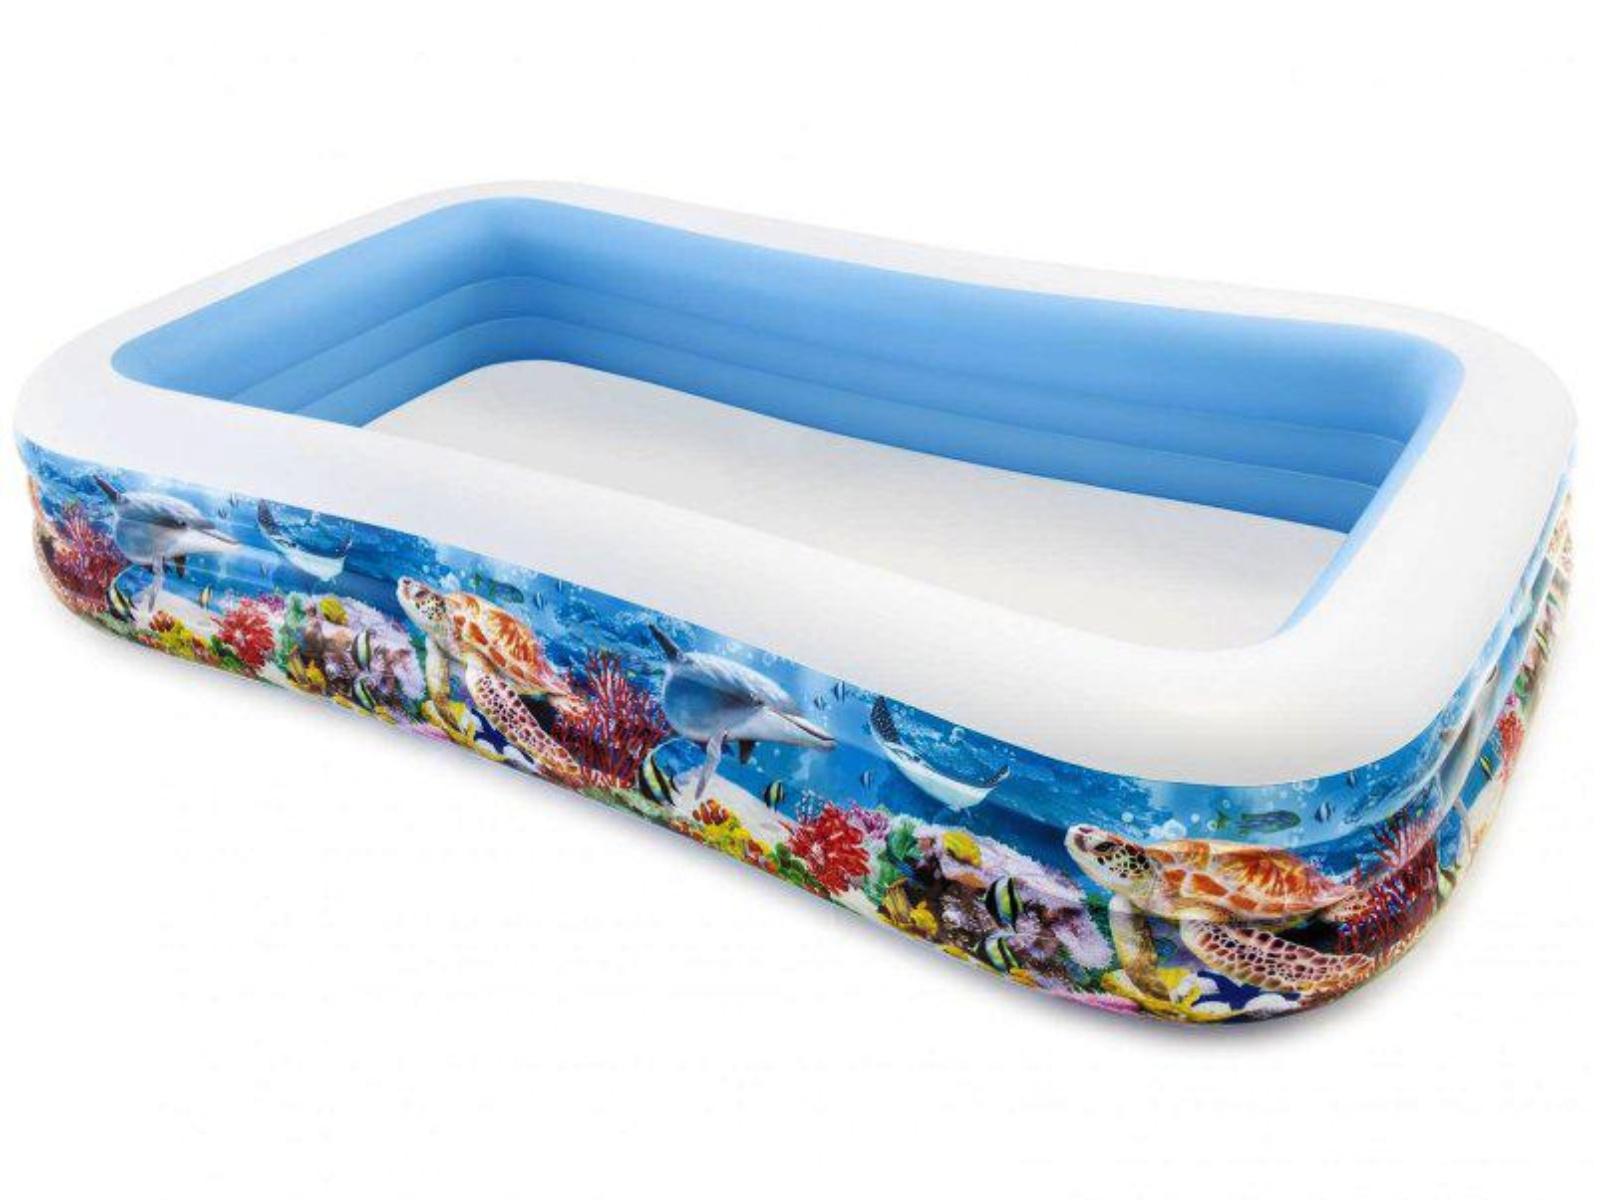 Nafukovací bazén INTEX Family obdĺžnik potlač 305 x 183 x 56 cm